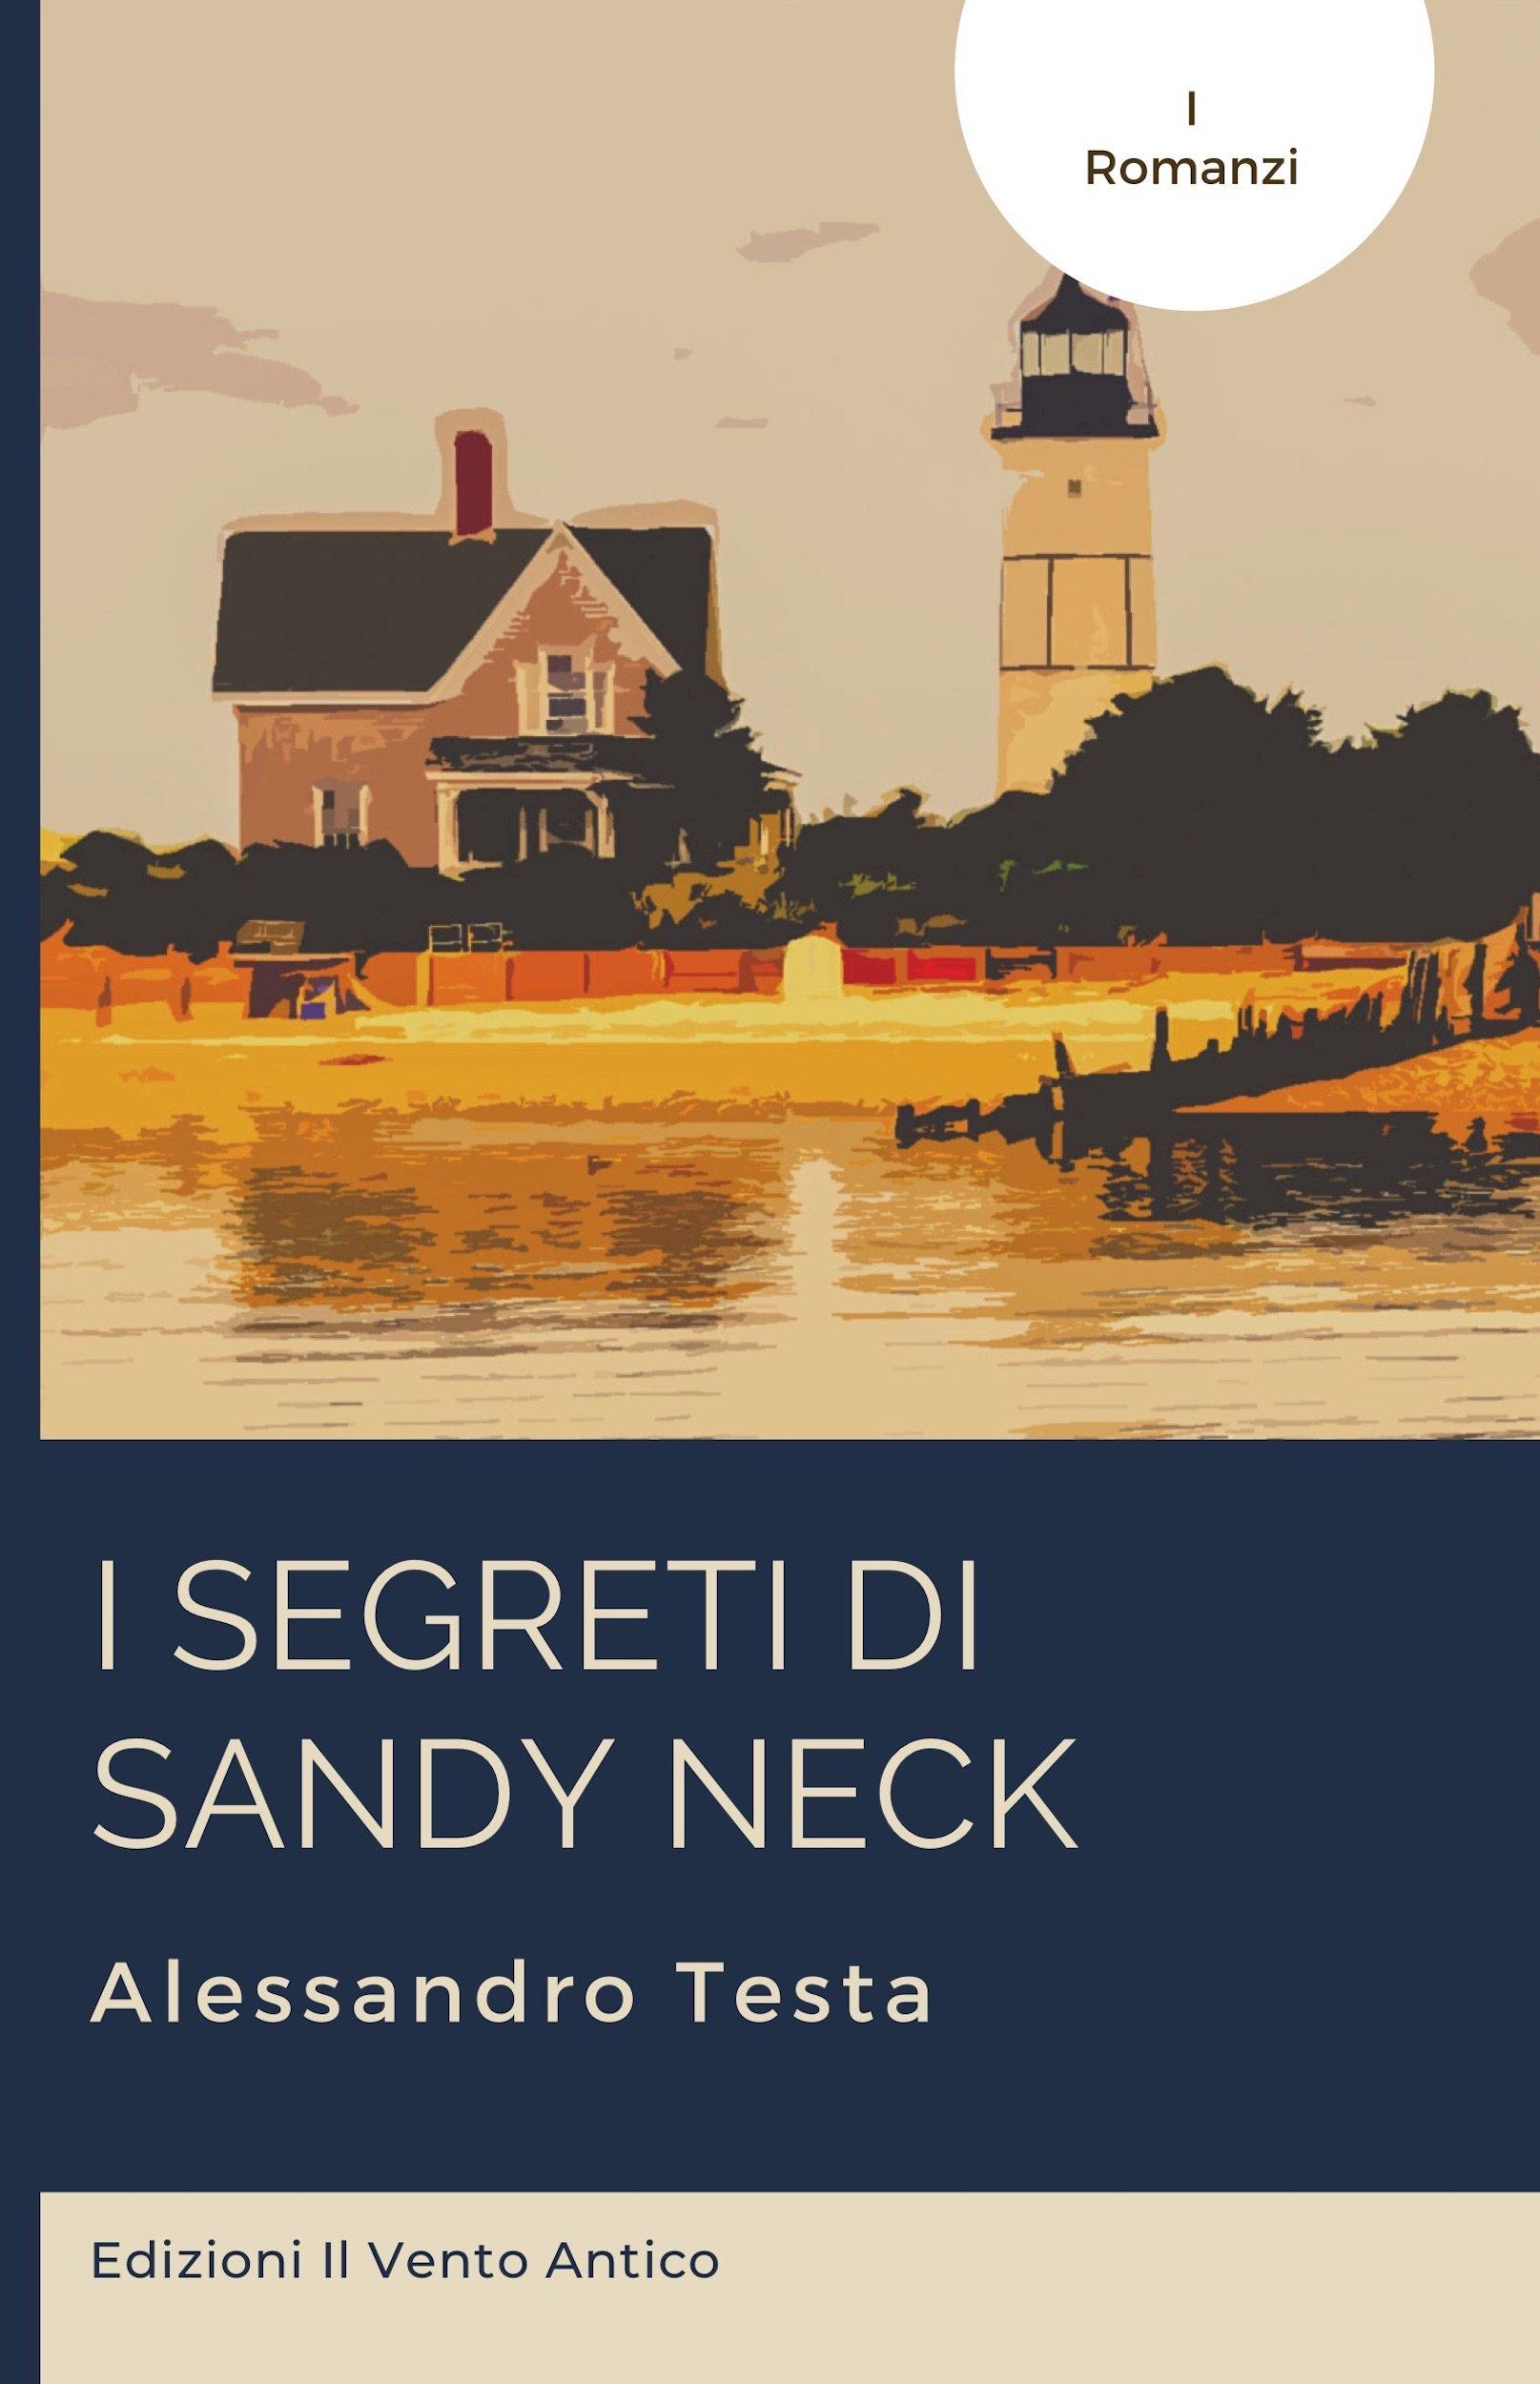 I segreti di Sandy Neck di Alessandro Testa disponibile da oggi